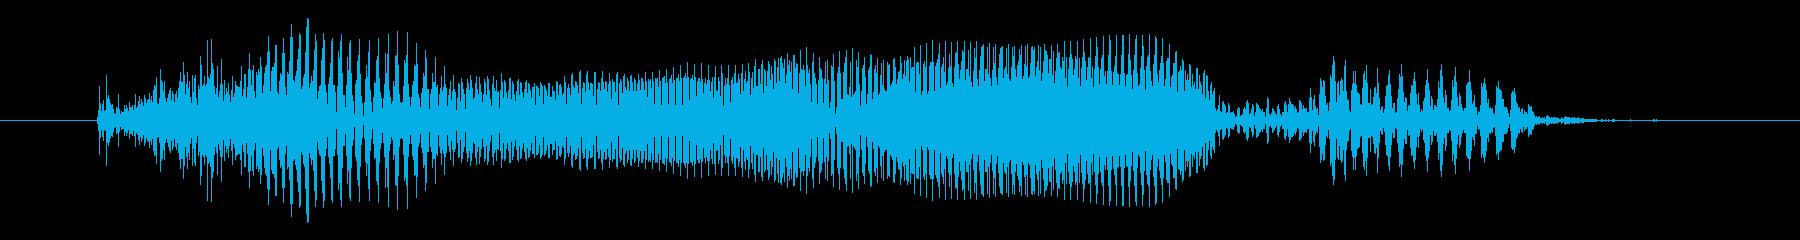 金曜日  (男性/明るめ)の再生済みの波形